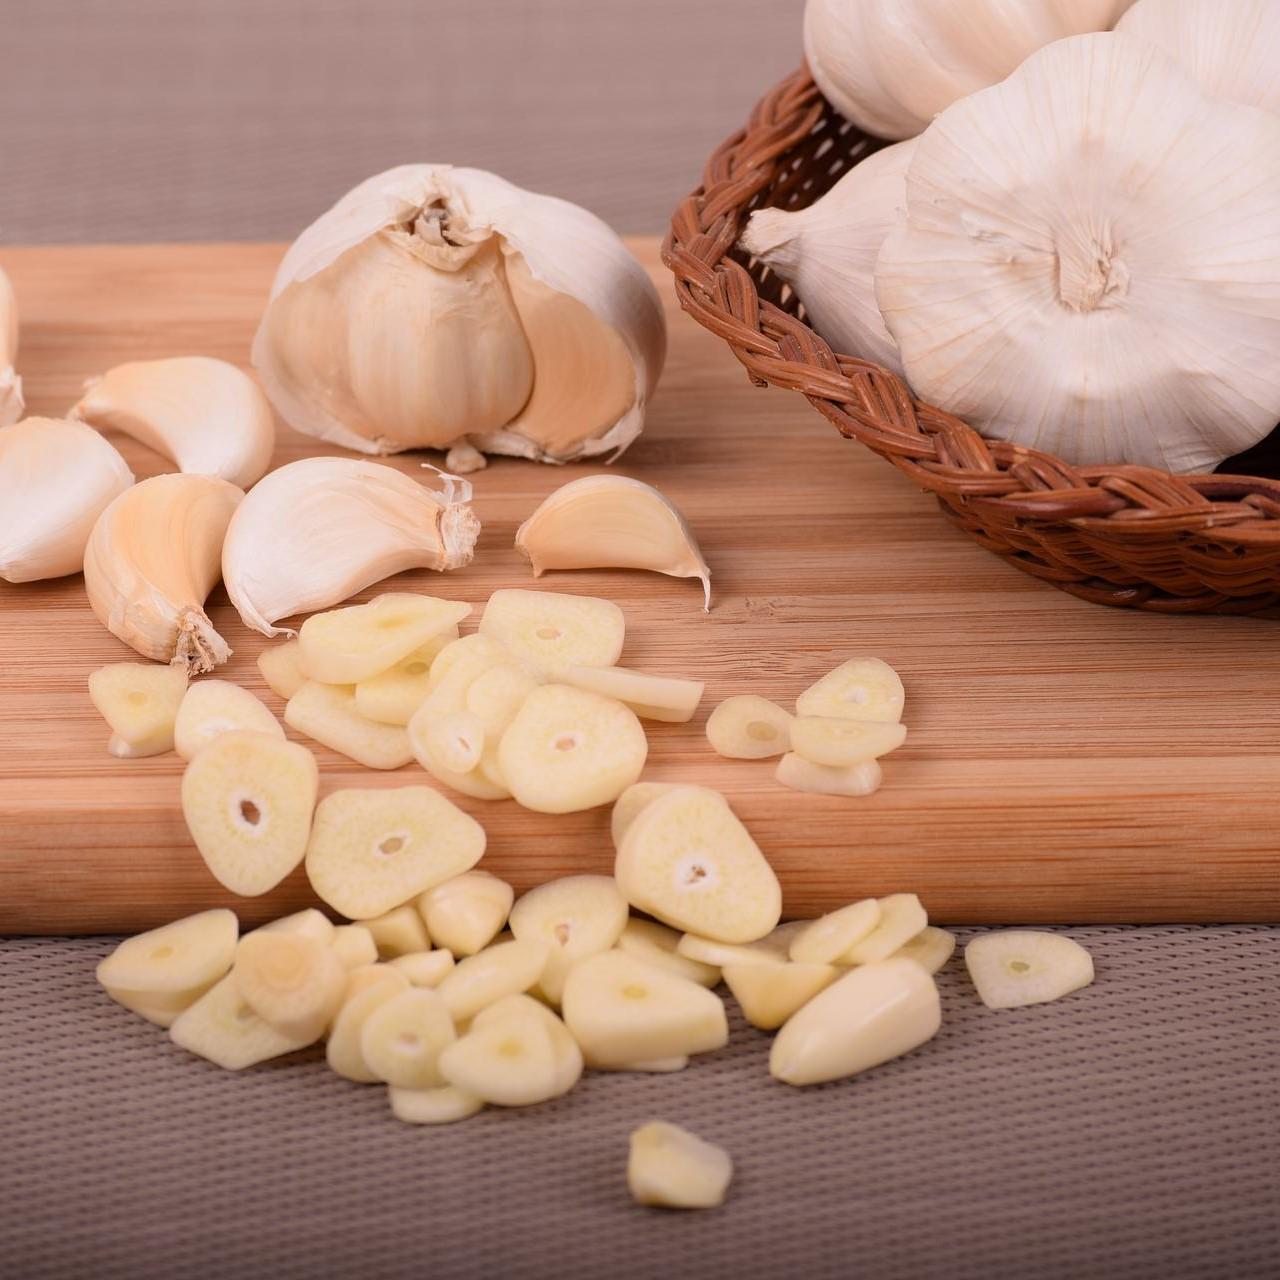 aglio come coltivarlo aglio benefici aglio proprietà